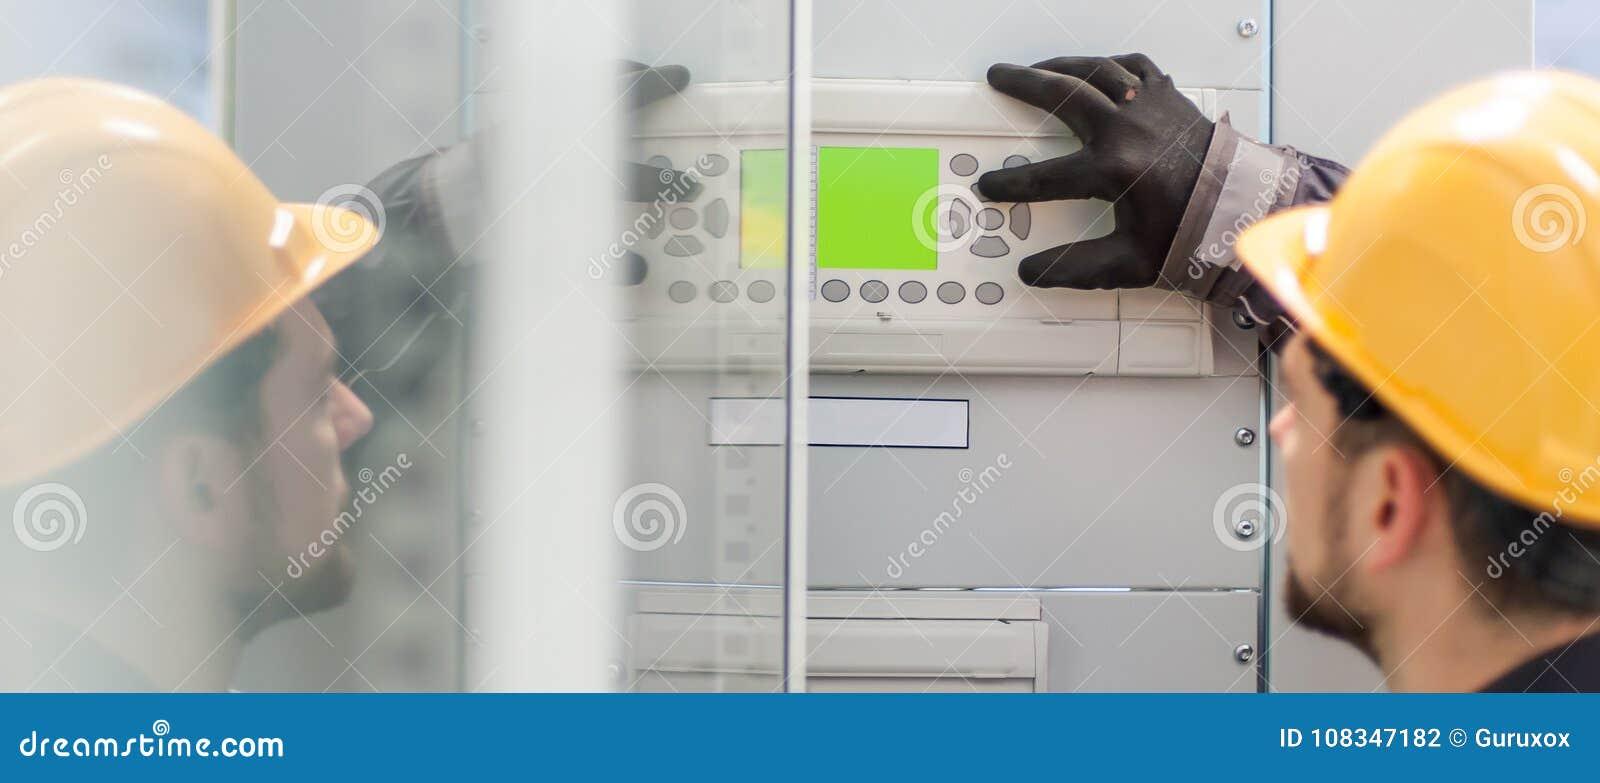 Ciérrese para arriba del dispositivo de distribución del voltaje de la prueba del ingeniero del mantenimiento